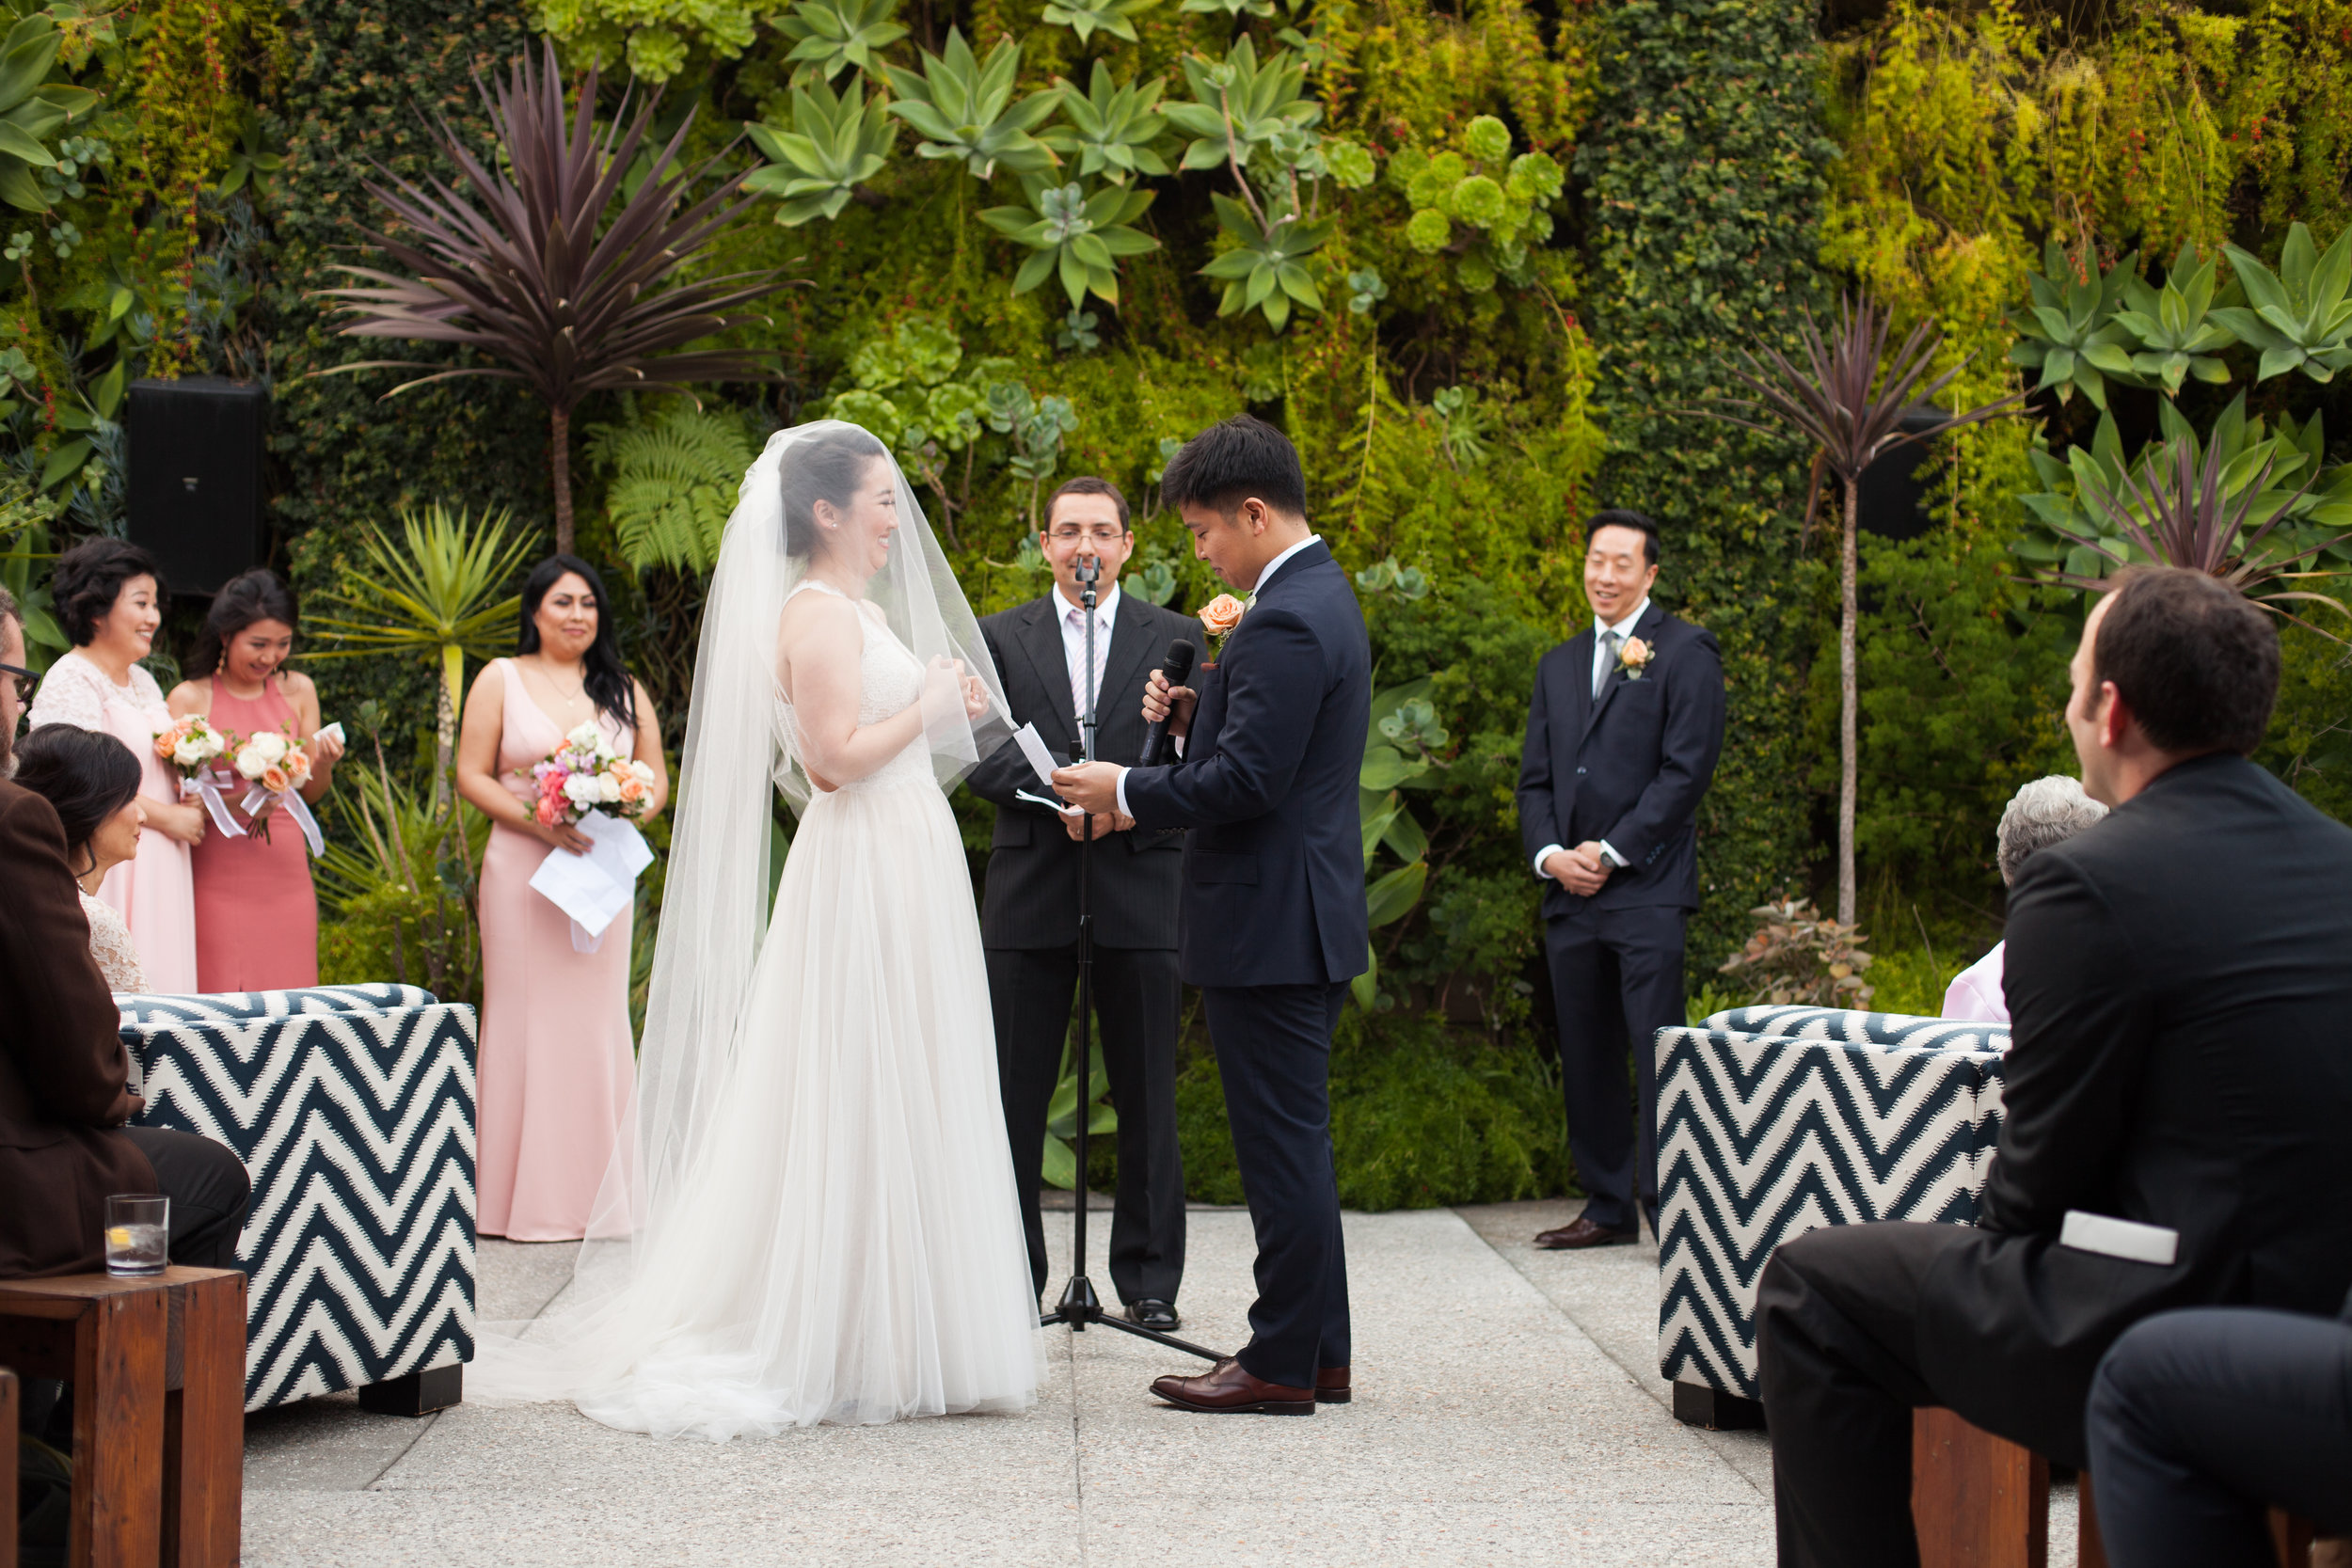 wedding-smog-shoppe-ceremony